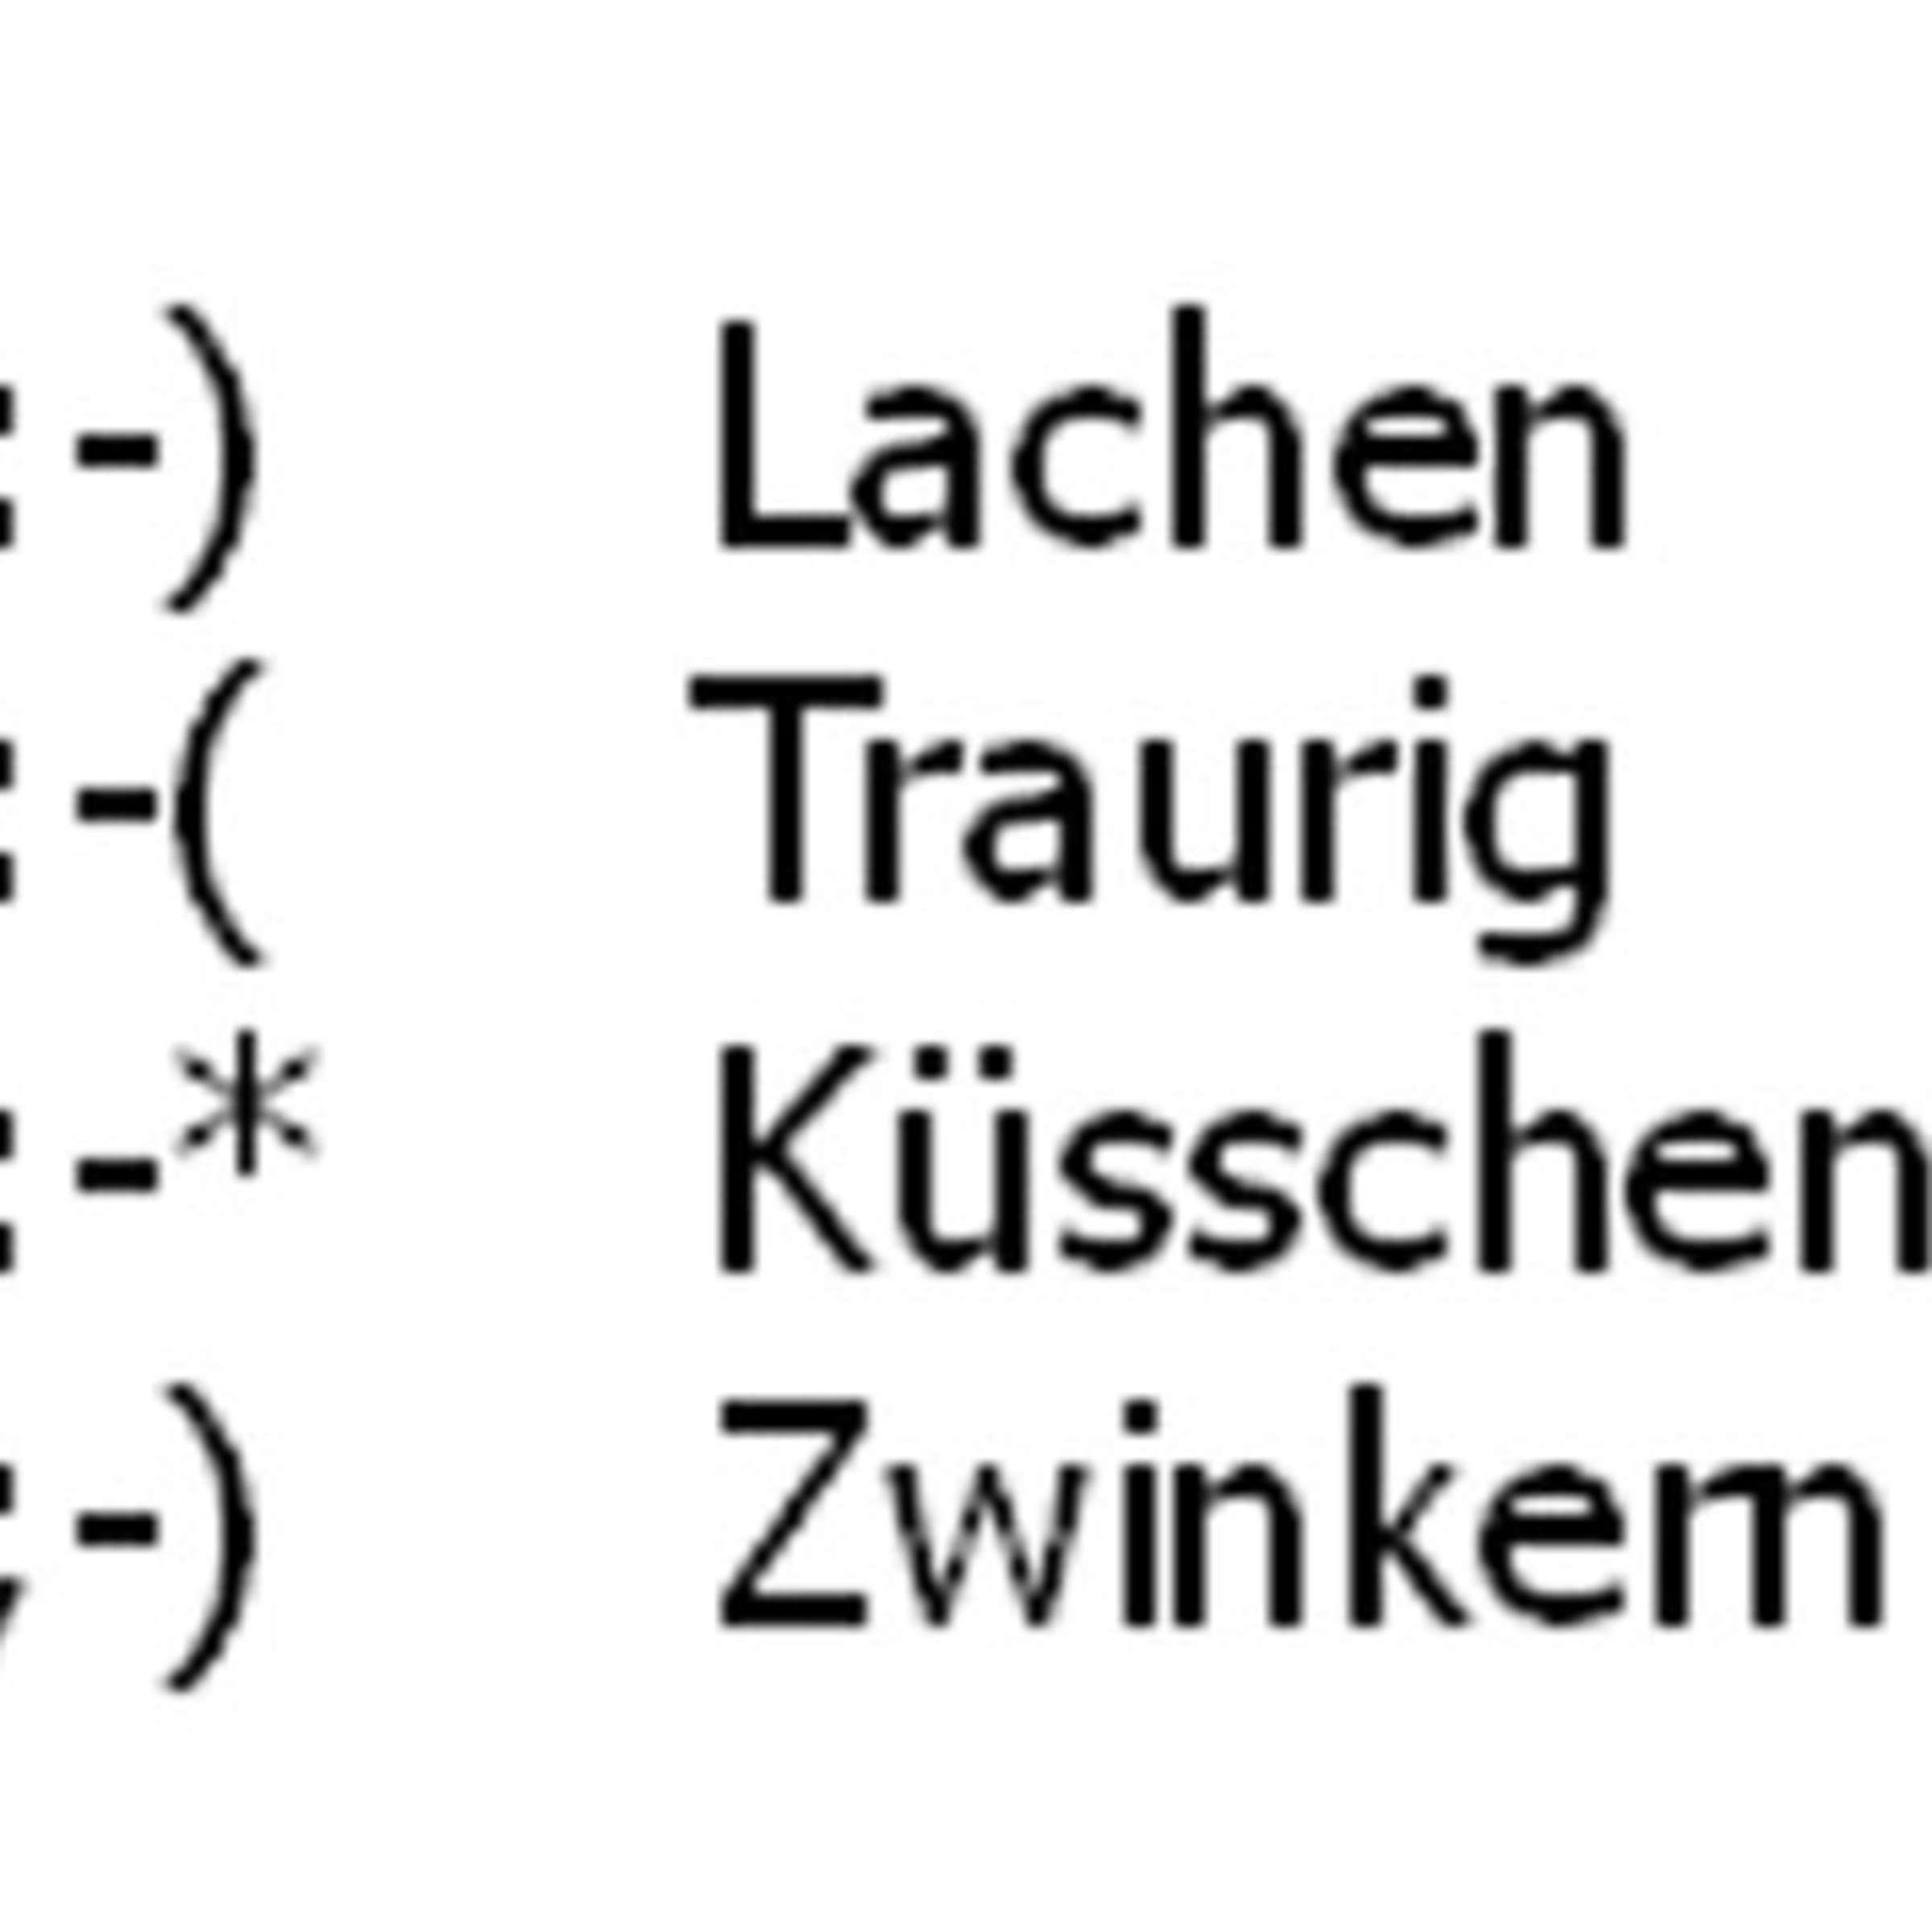 Küsschen emoticon ▷ Schnecken: